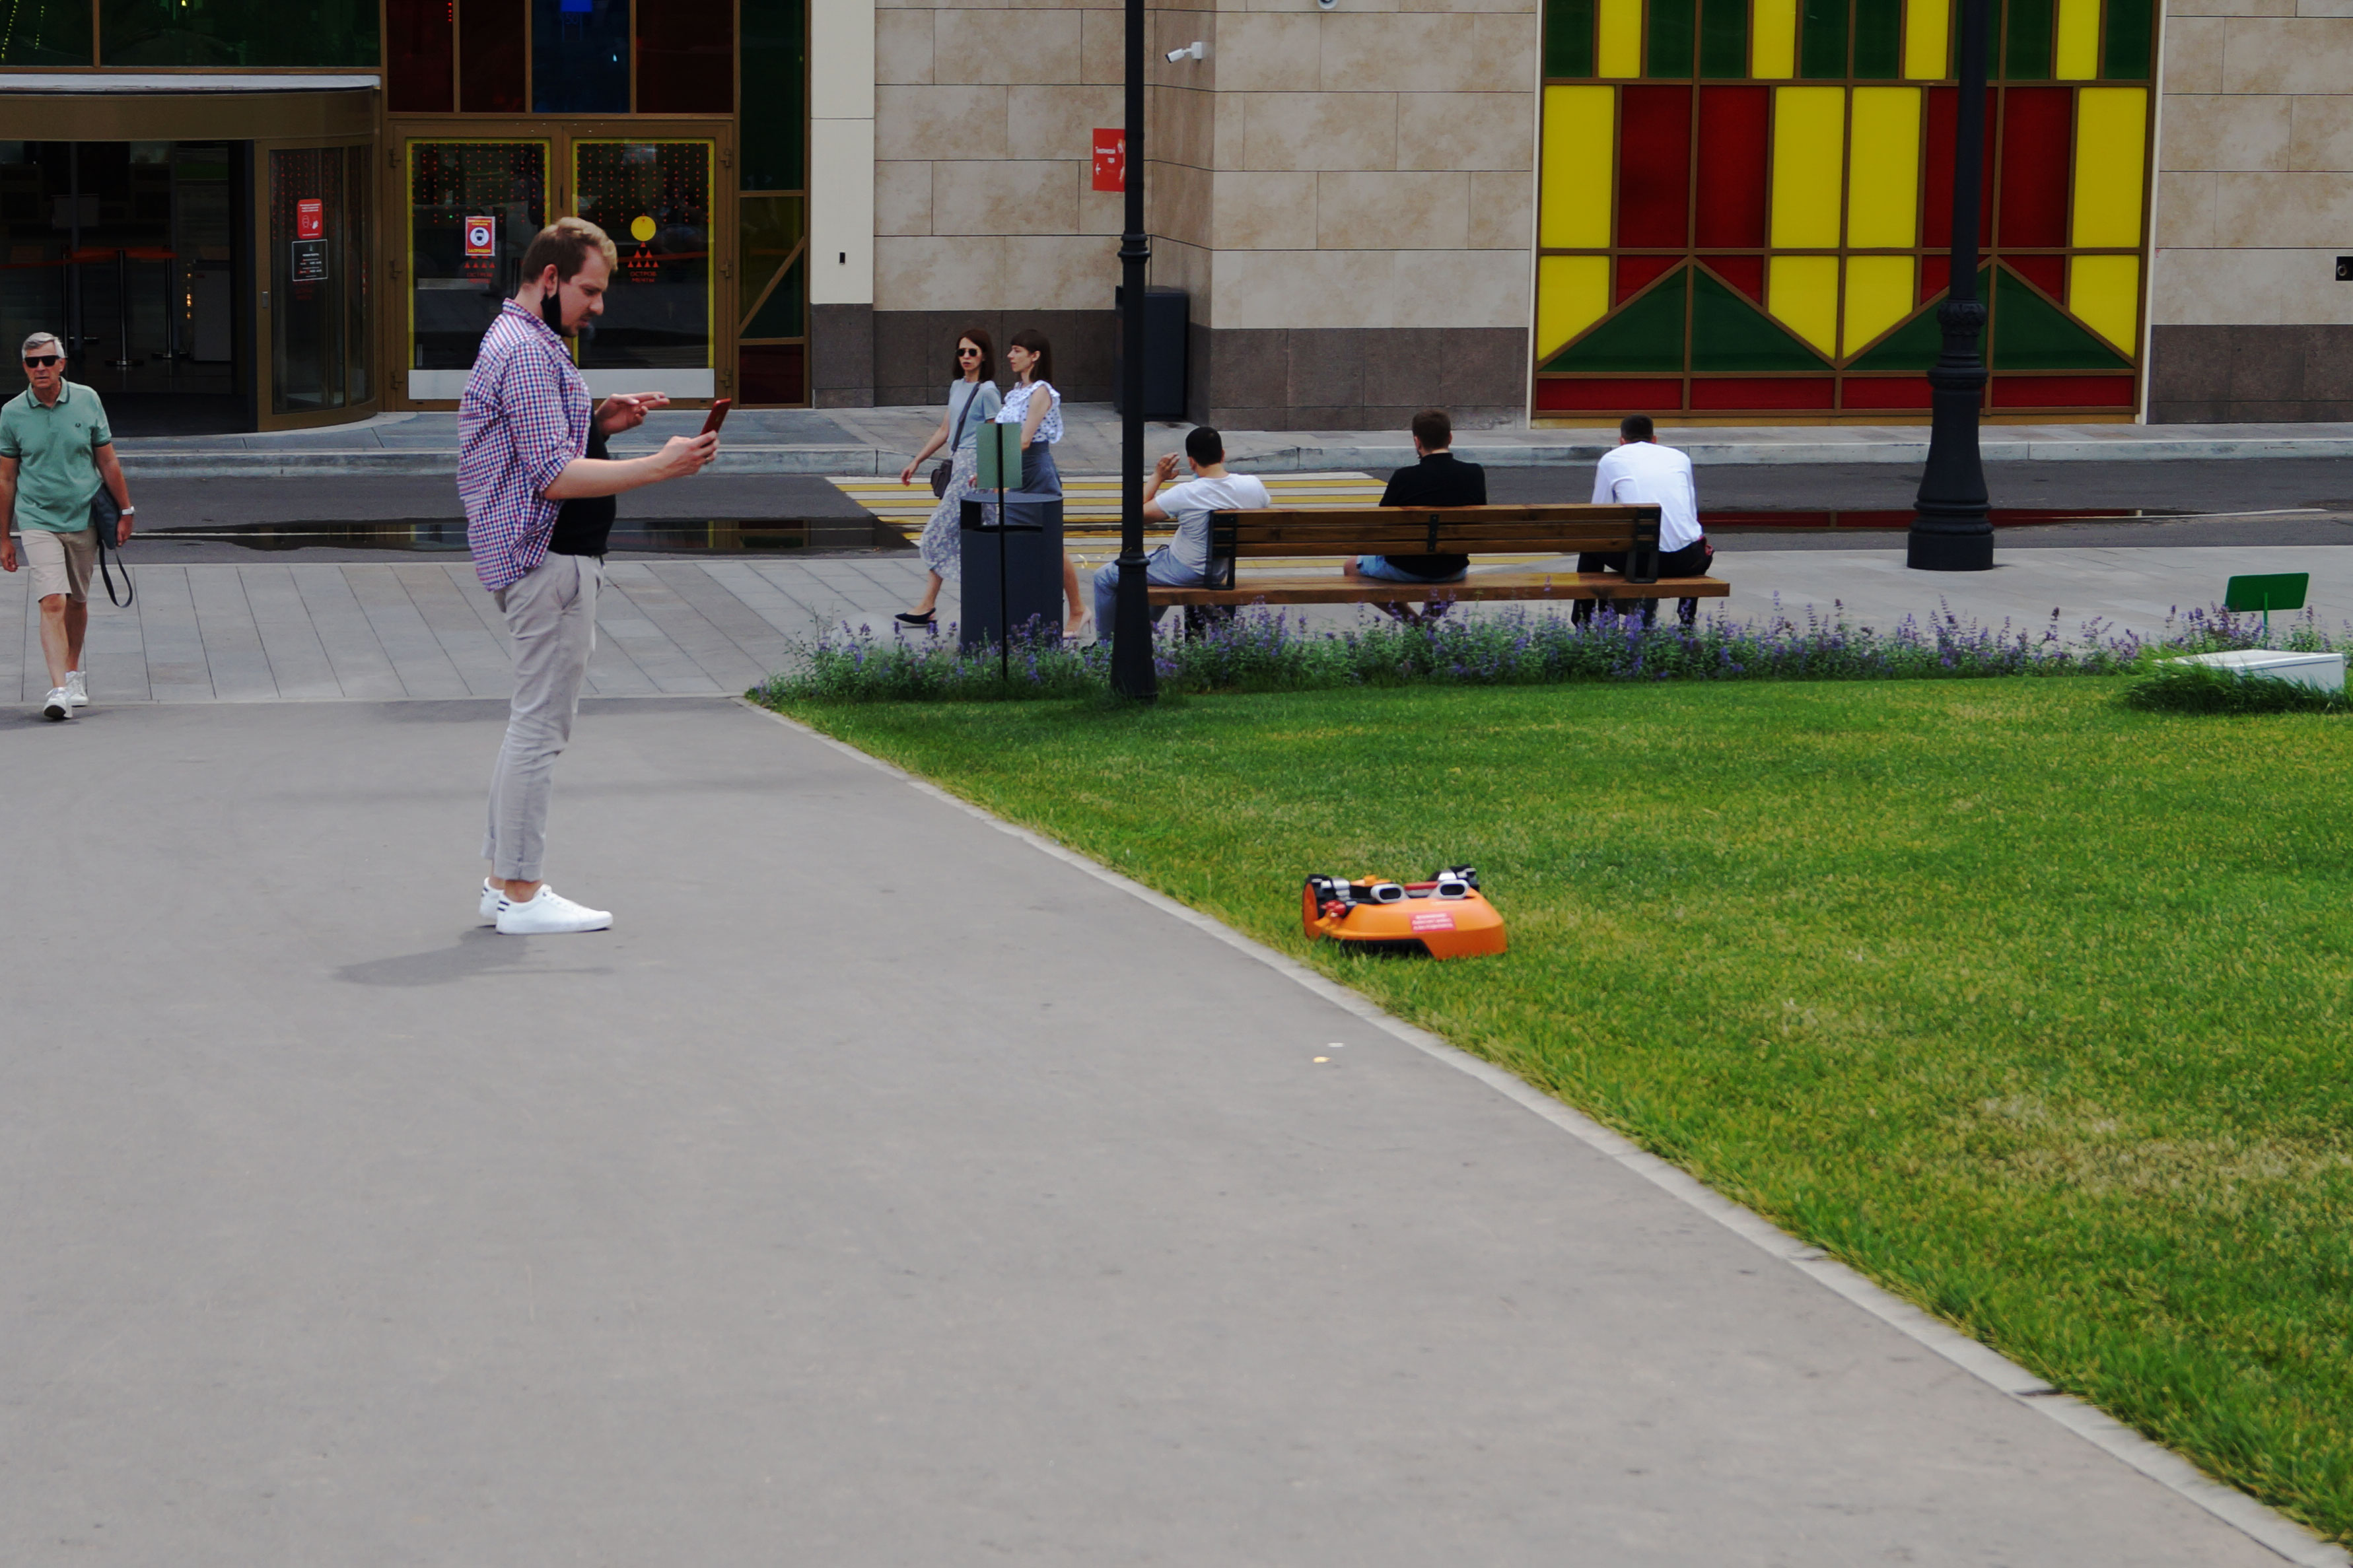 Посетители парка обращают на Landroid свое внимание и с большим интересом наблюдают за их работой